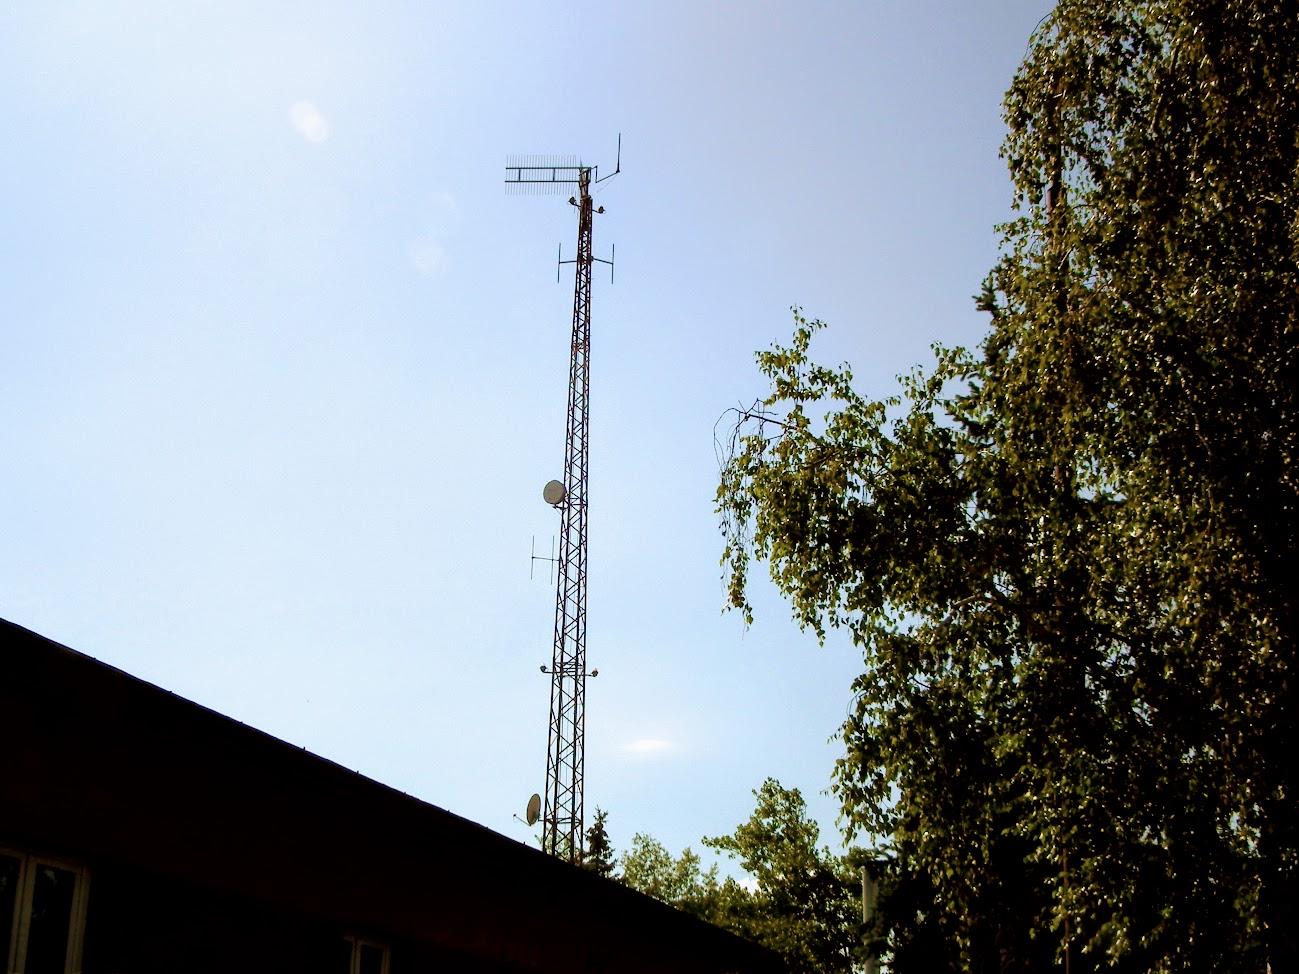 Solt/Kecskeméti út 92. - helyi URH-FM adóállomás